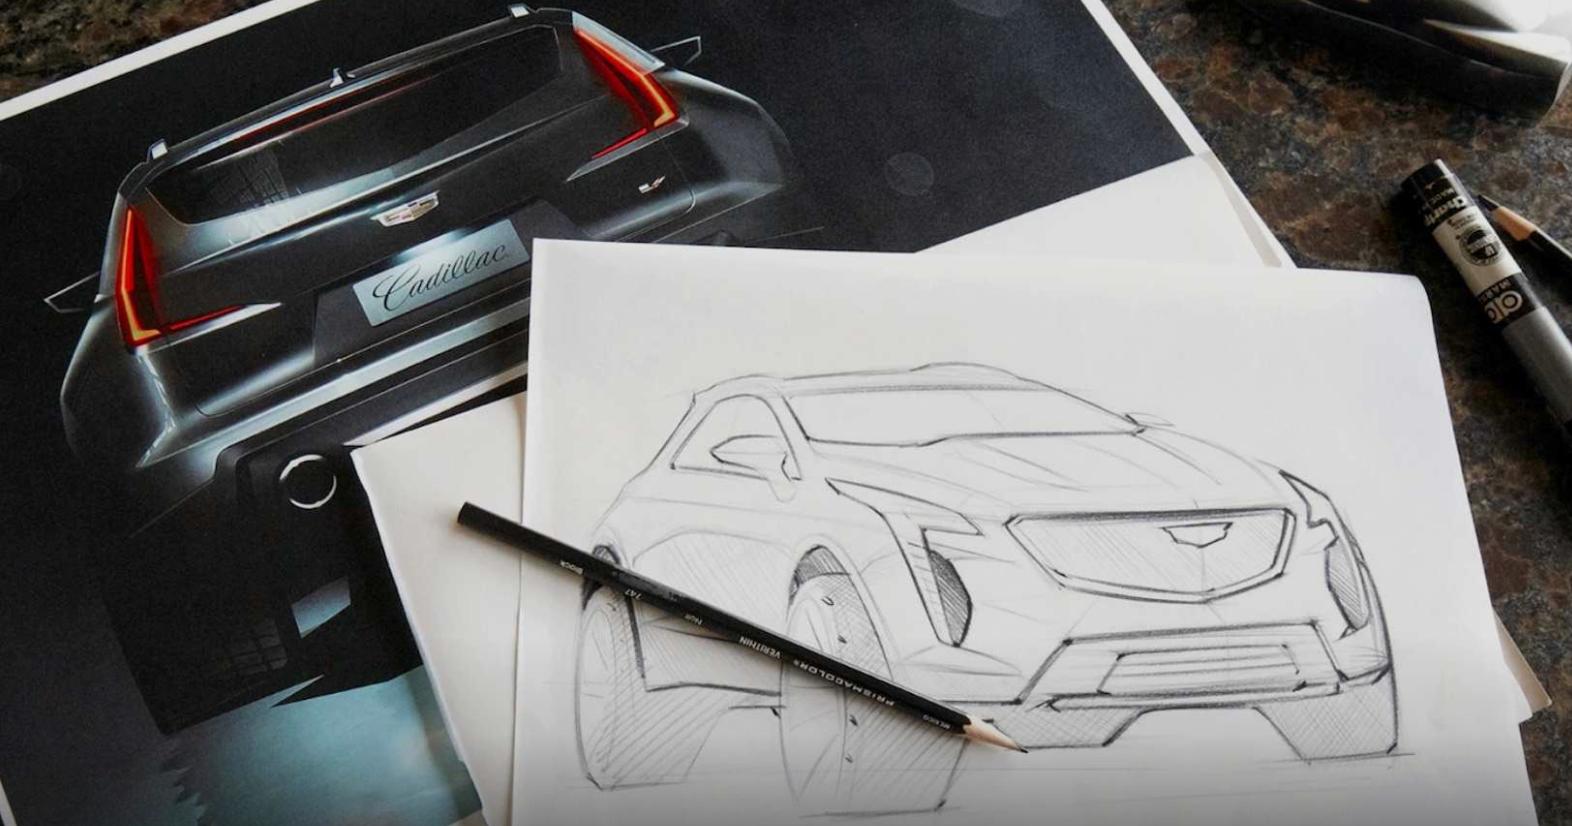 搭载2.7T发动机/超300马力 凯迪拉克推出高性能车型XT4-V